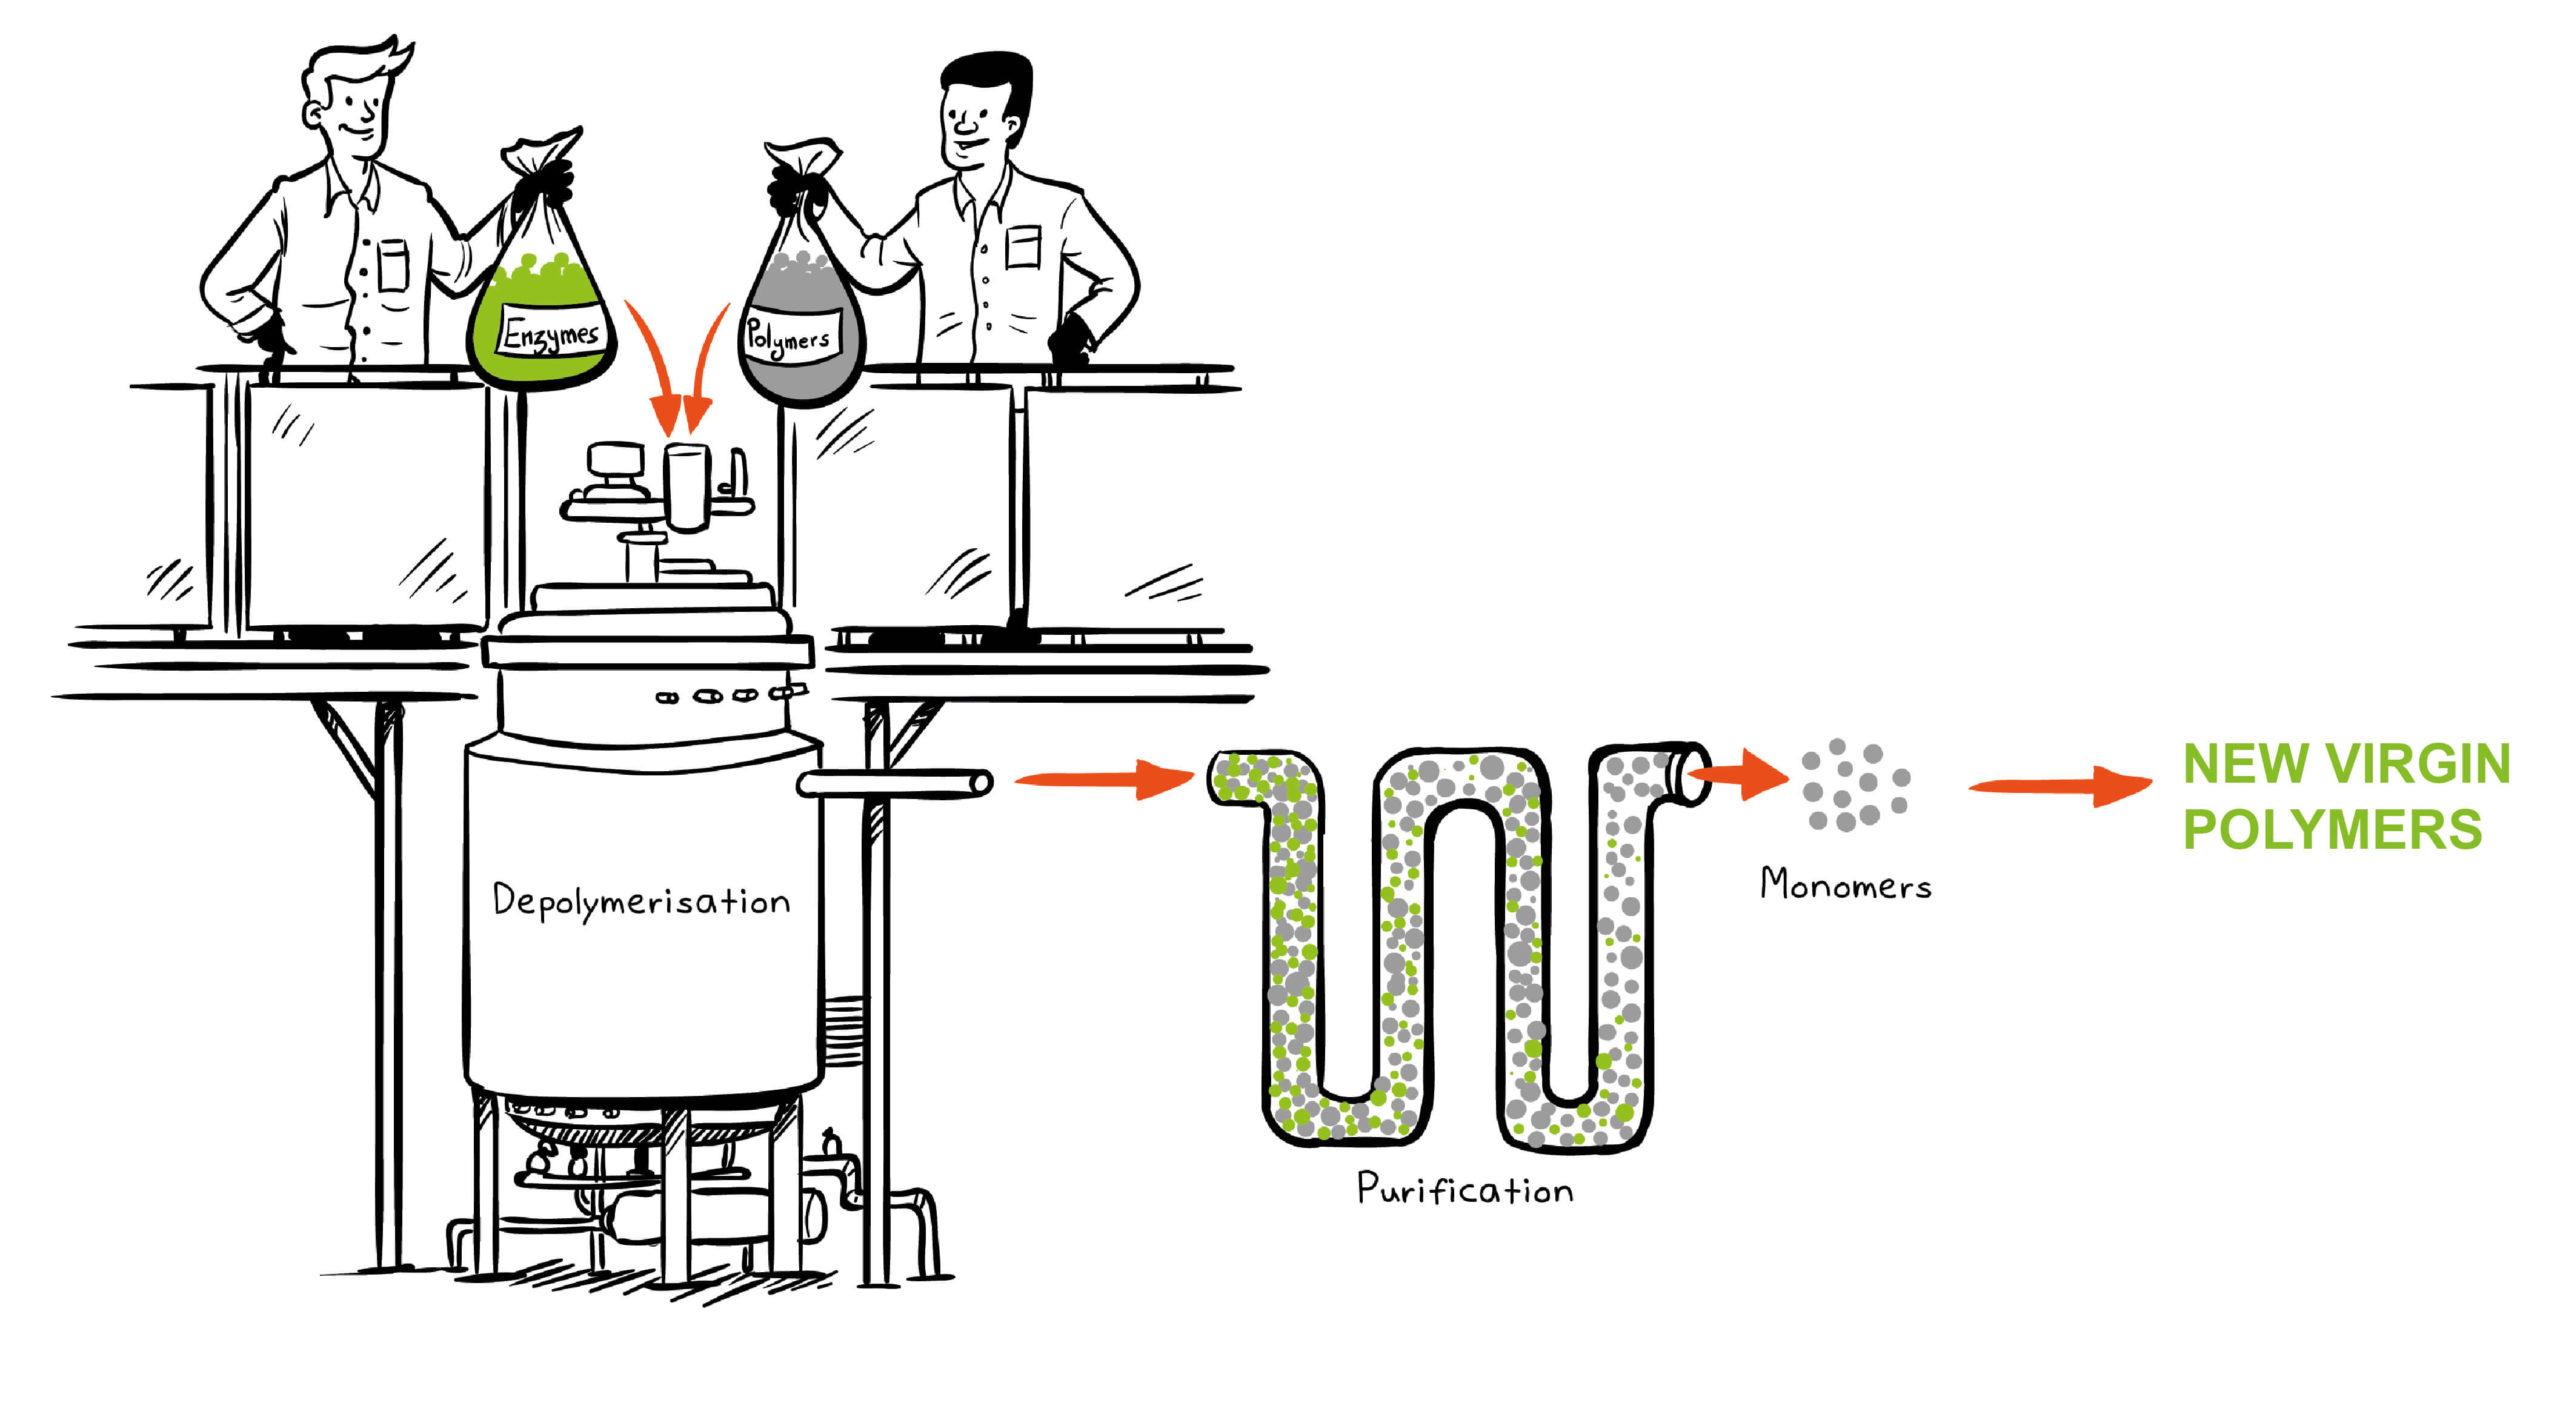 Procesul de bioreciclare enzimatică. Sursa: Carbios.fr